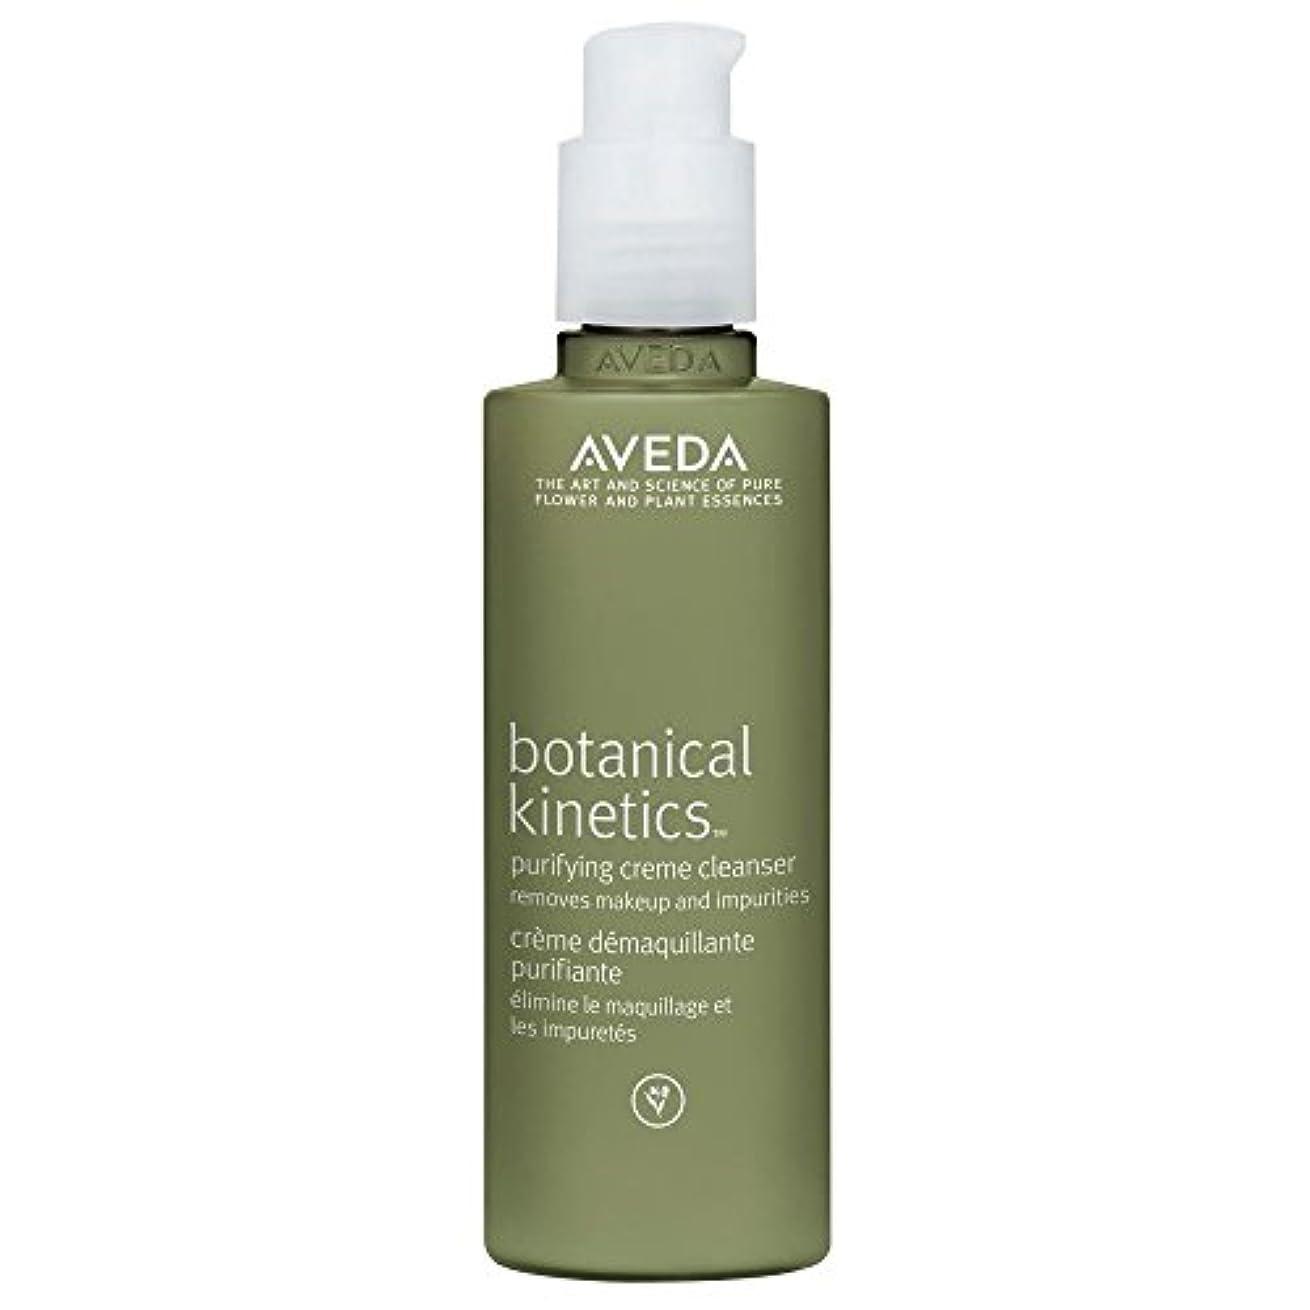 パノラマアコー私たちの[AVEDA] アヴェダボタニカルキネティクス浄化クリームクレンザー、150ミリリットル - Aveda Botanical Kinetics Purifying Creme Cleanser, 150ml [並行輸入品]